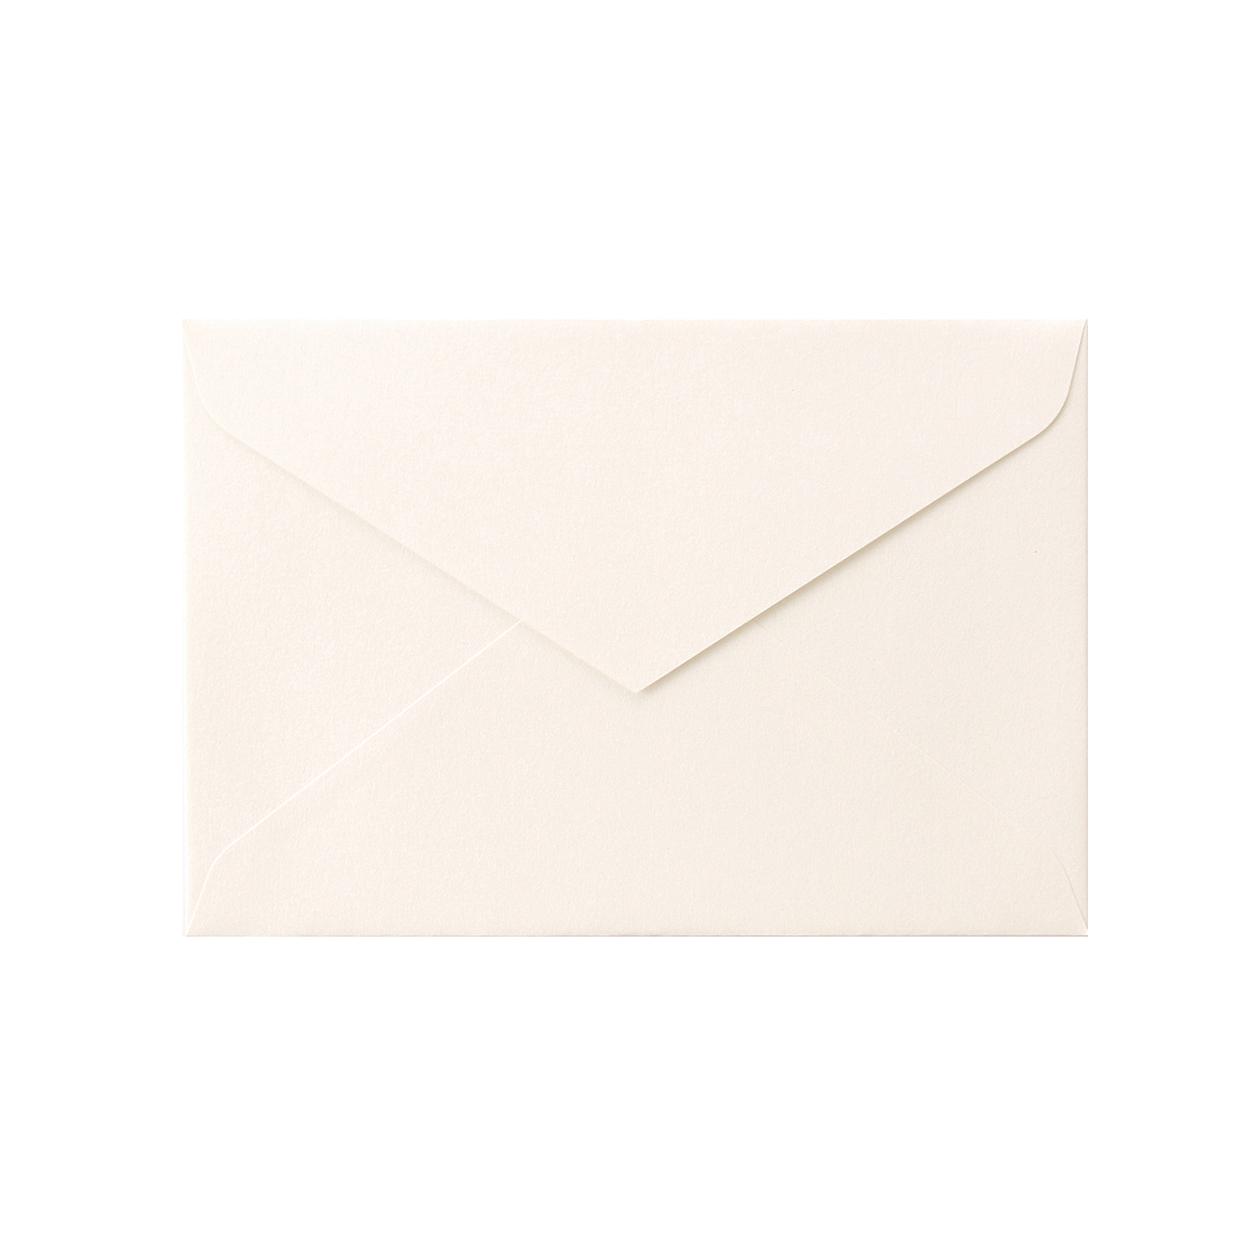 洋1ダイア封筒 コットンパール スノーホワイト 125.3g